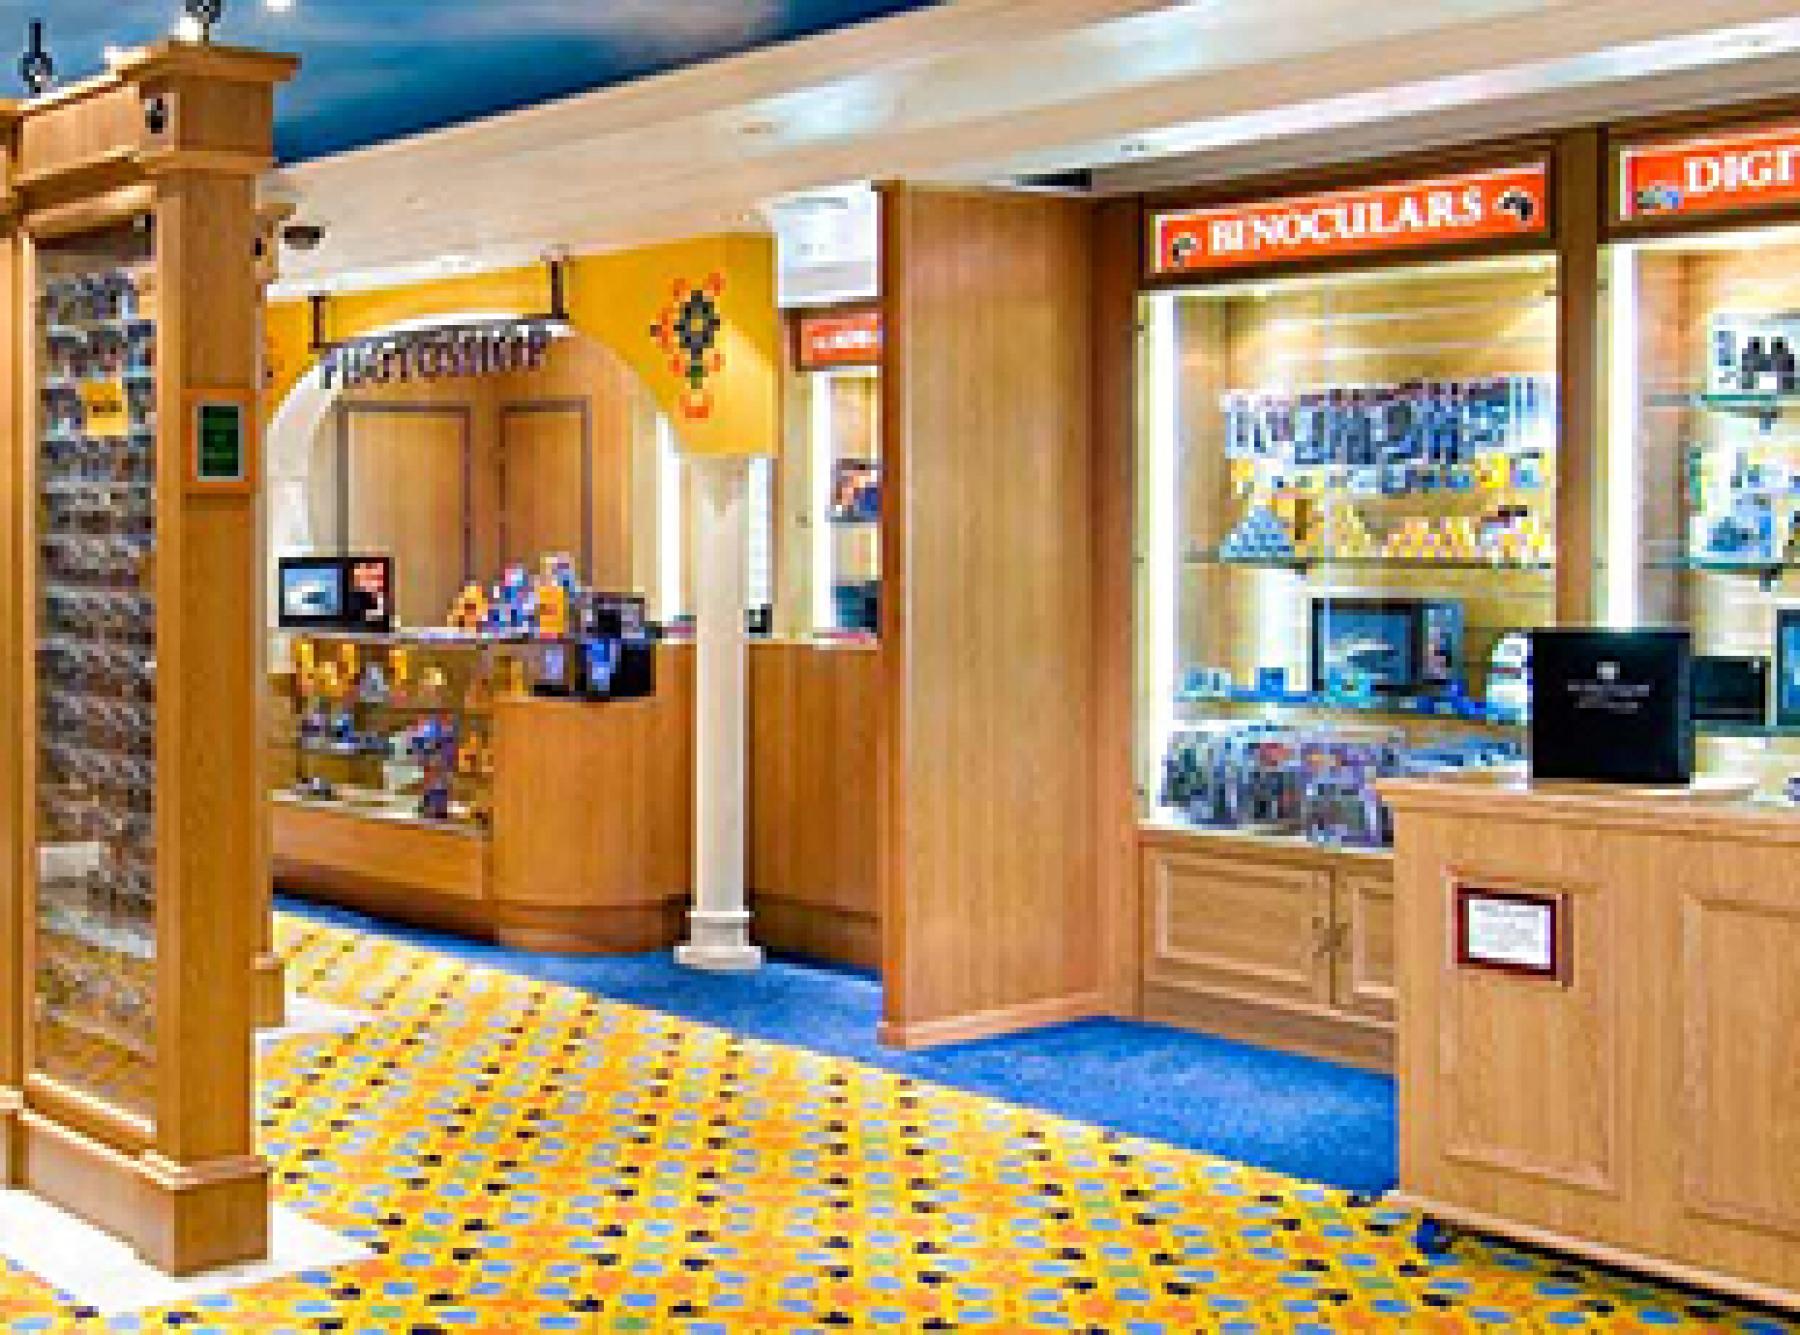 Norwegian Cruise Line Norwegian Spirit Interior Galleria and Photo Gallery.jpg